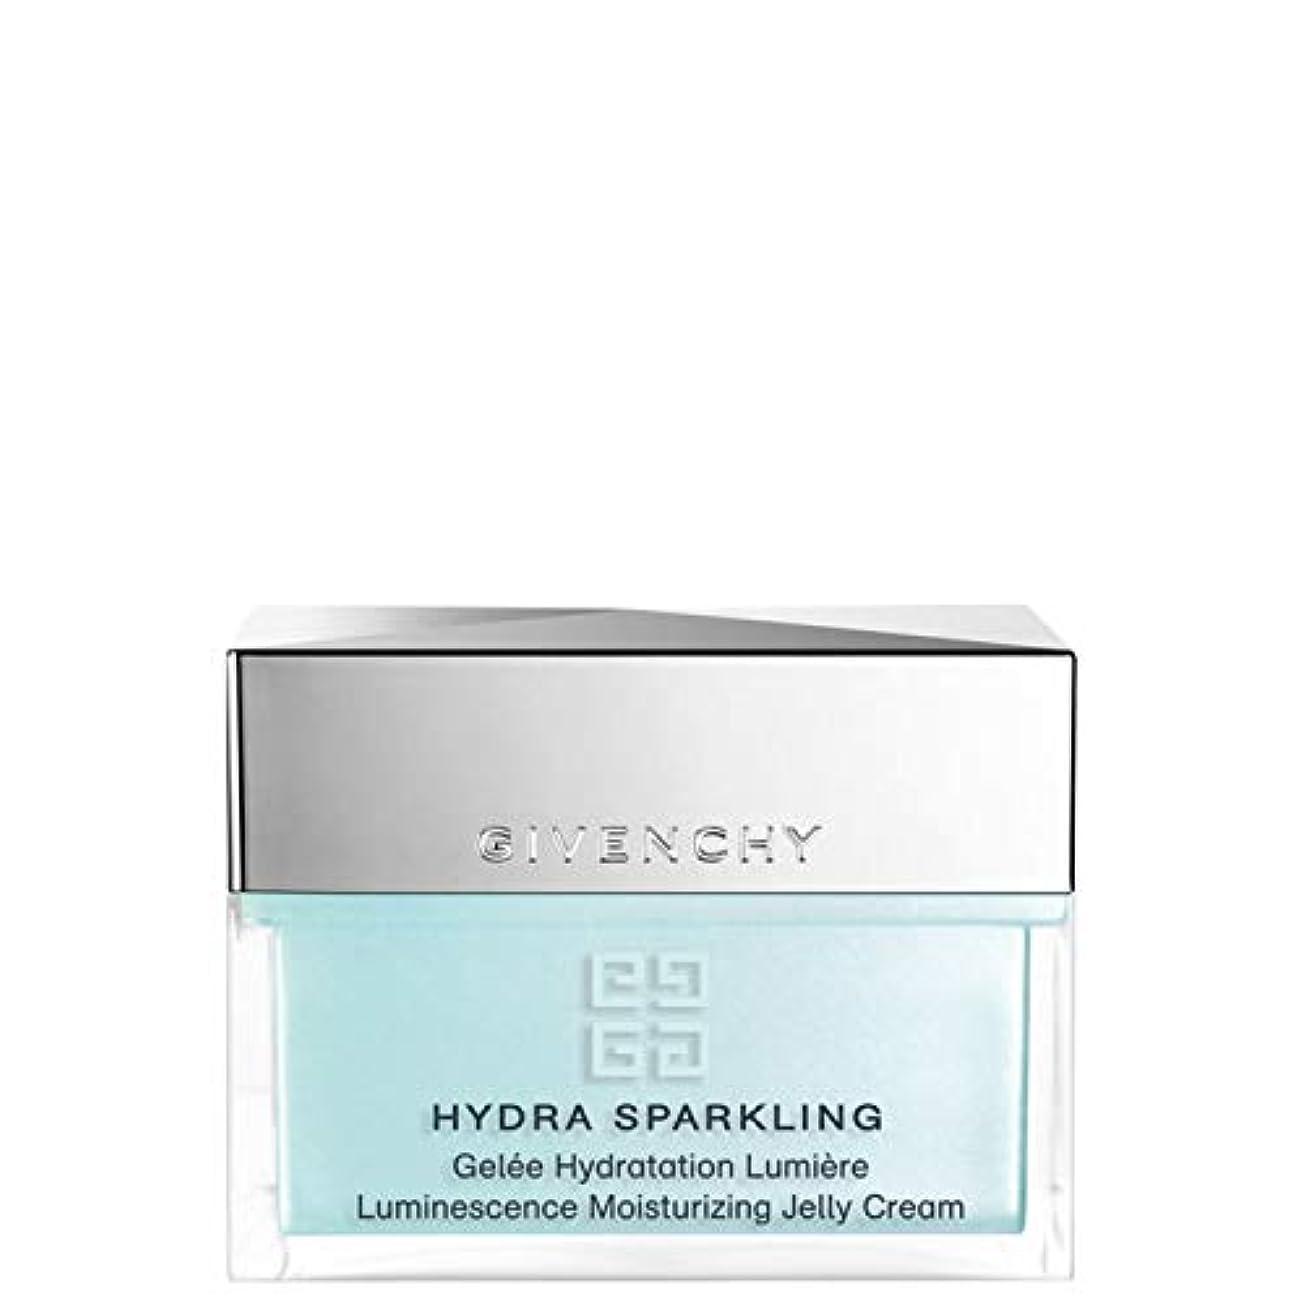 断言する通訳トリムジバンシィ Hydra Sparkling Luminescence Moisturizing Jelly Cream 50ml/1.7oz並行輸入品